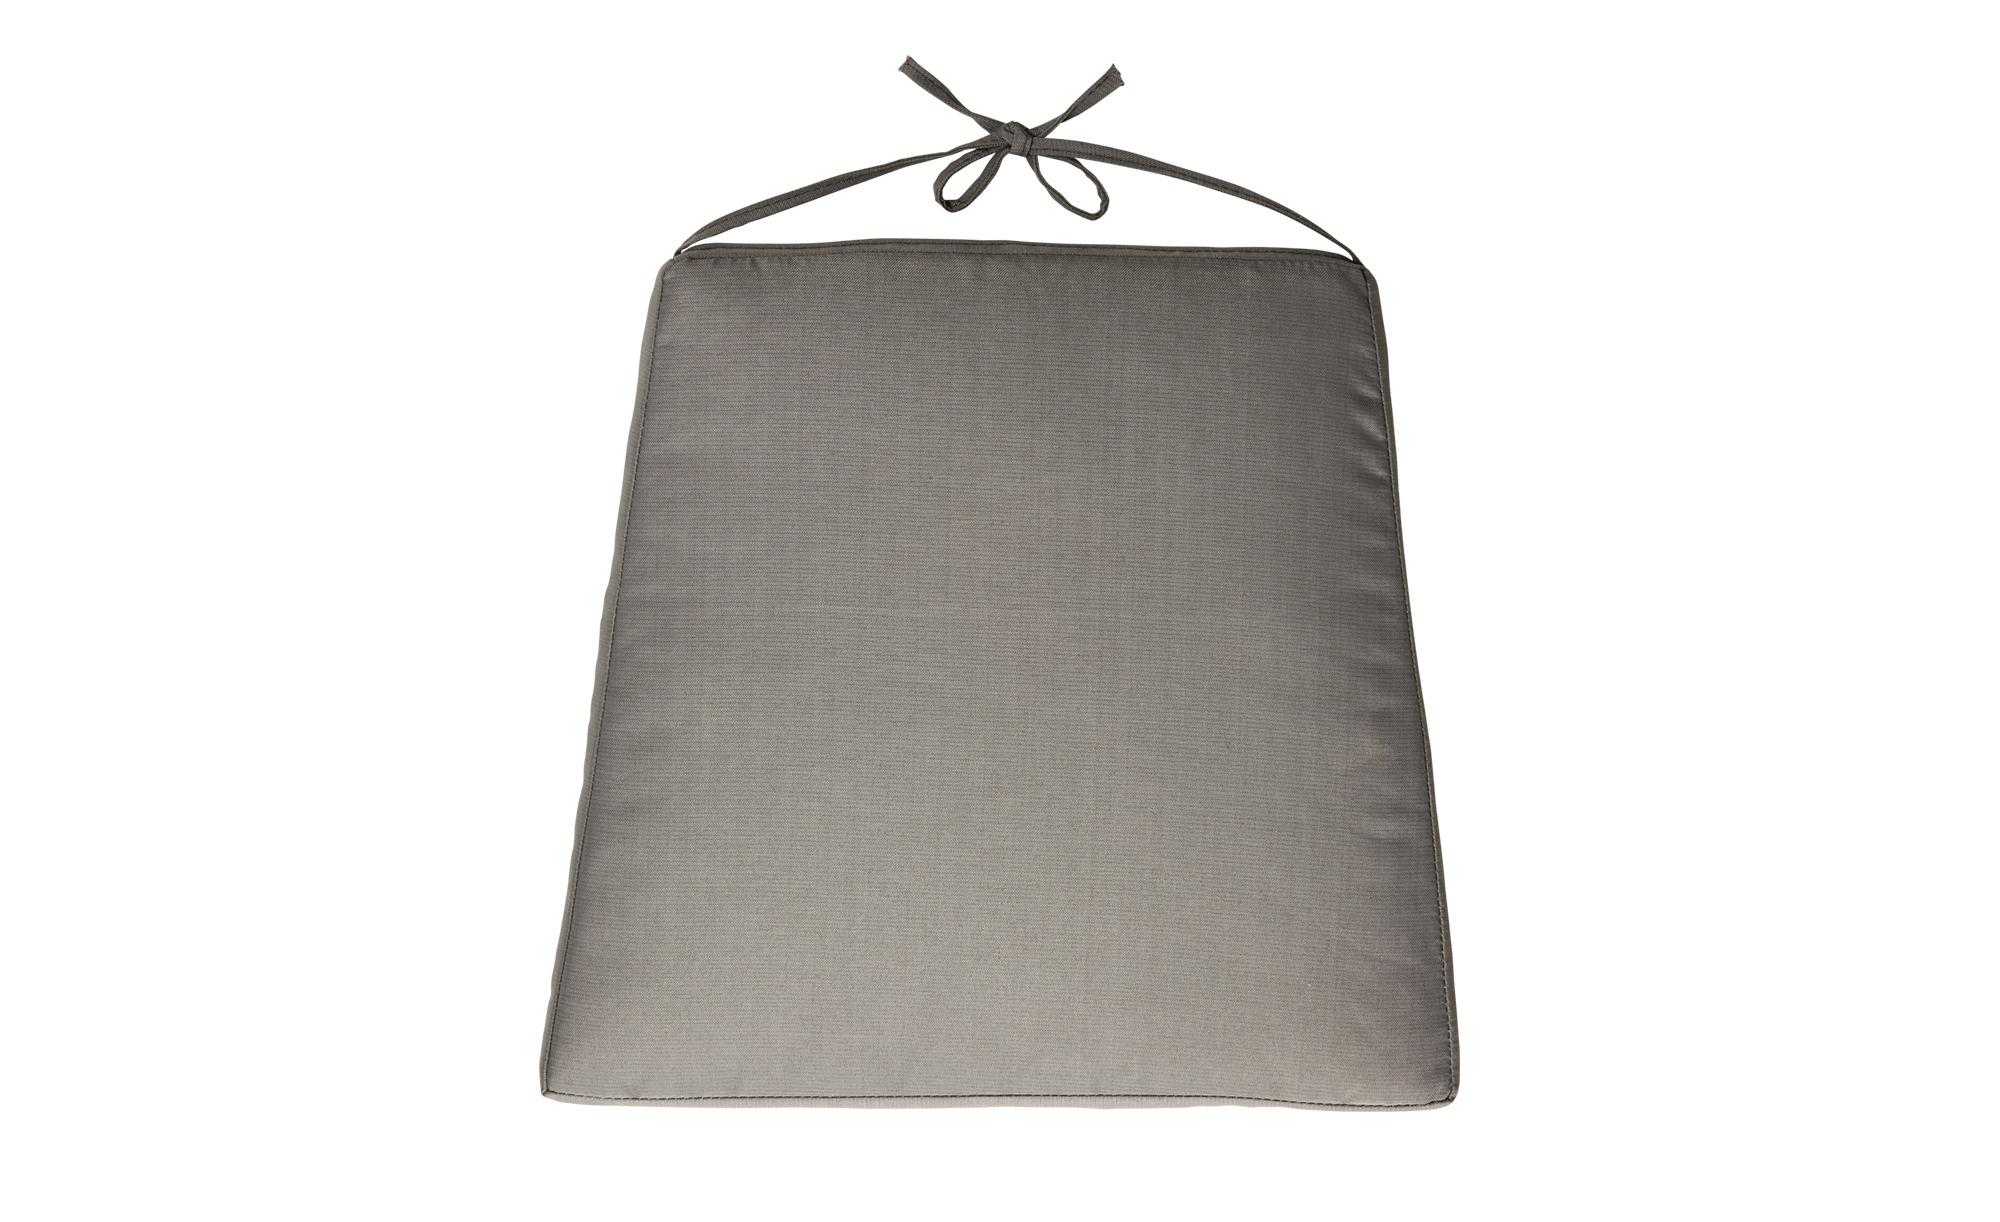 Zebra Sitzkissen  Milano ¦ braun ¦ 100% Polyester ¦ Maße (cm): B: 44 H: 2,5 Garten > Auflagen & Kissen > Outdoor-Sitzkissen - Höffner